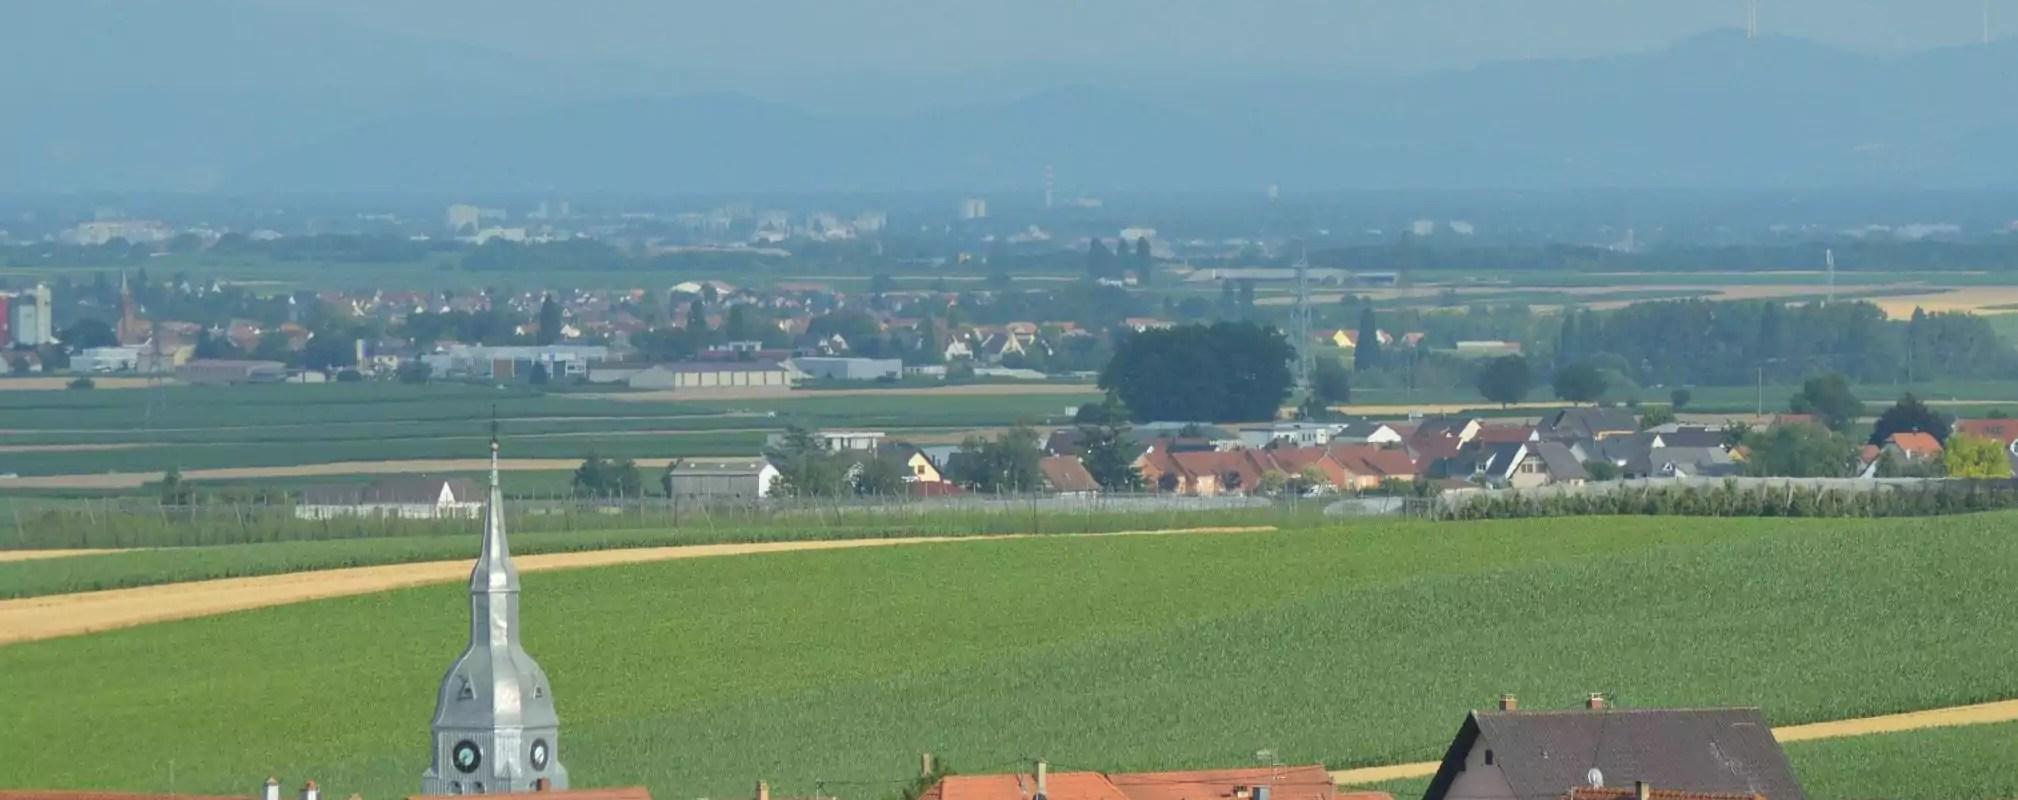 Le repartage des terres agricoles, le second impact du GCO sur la nature